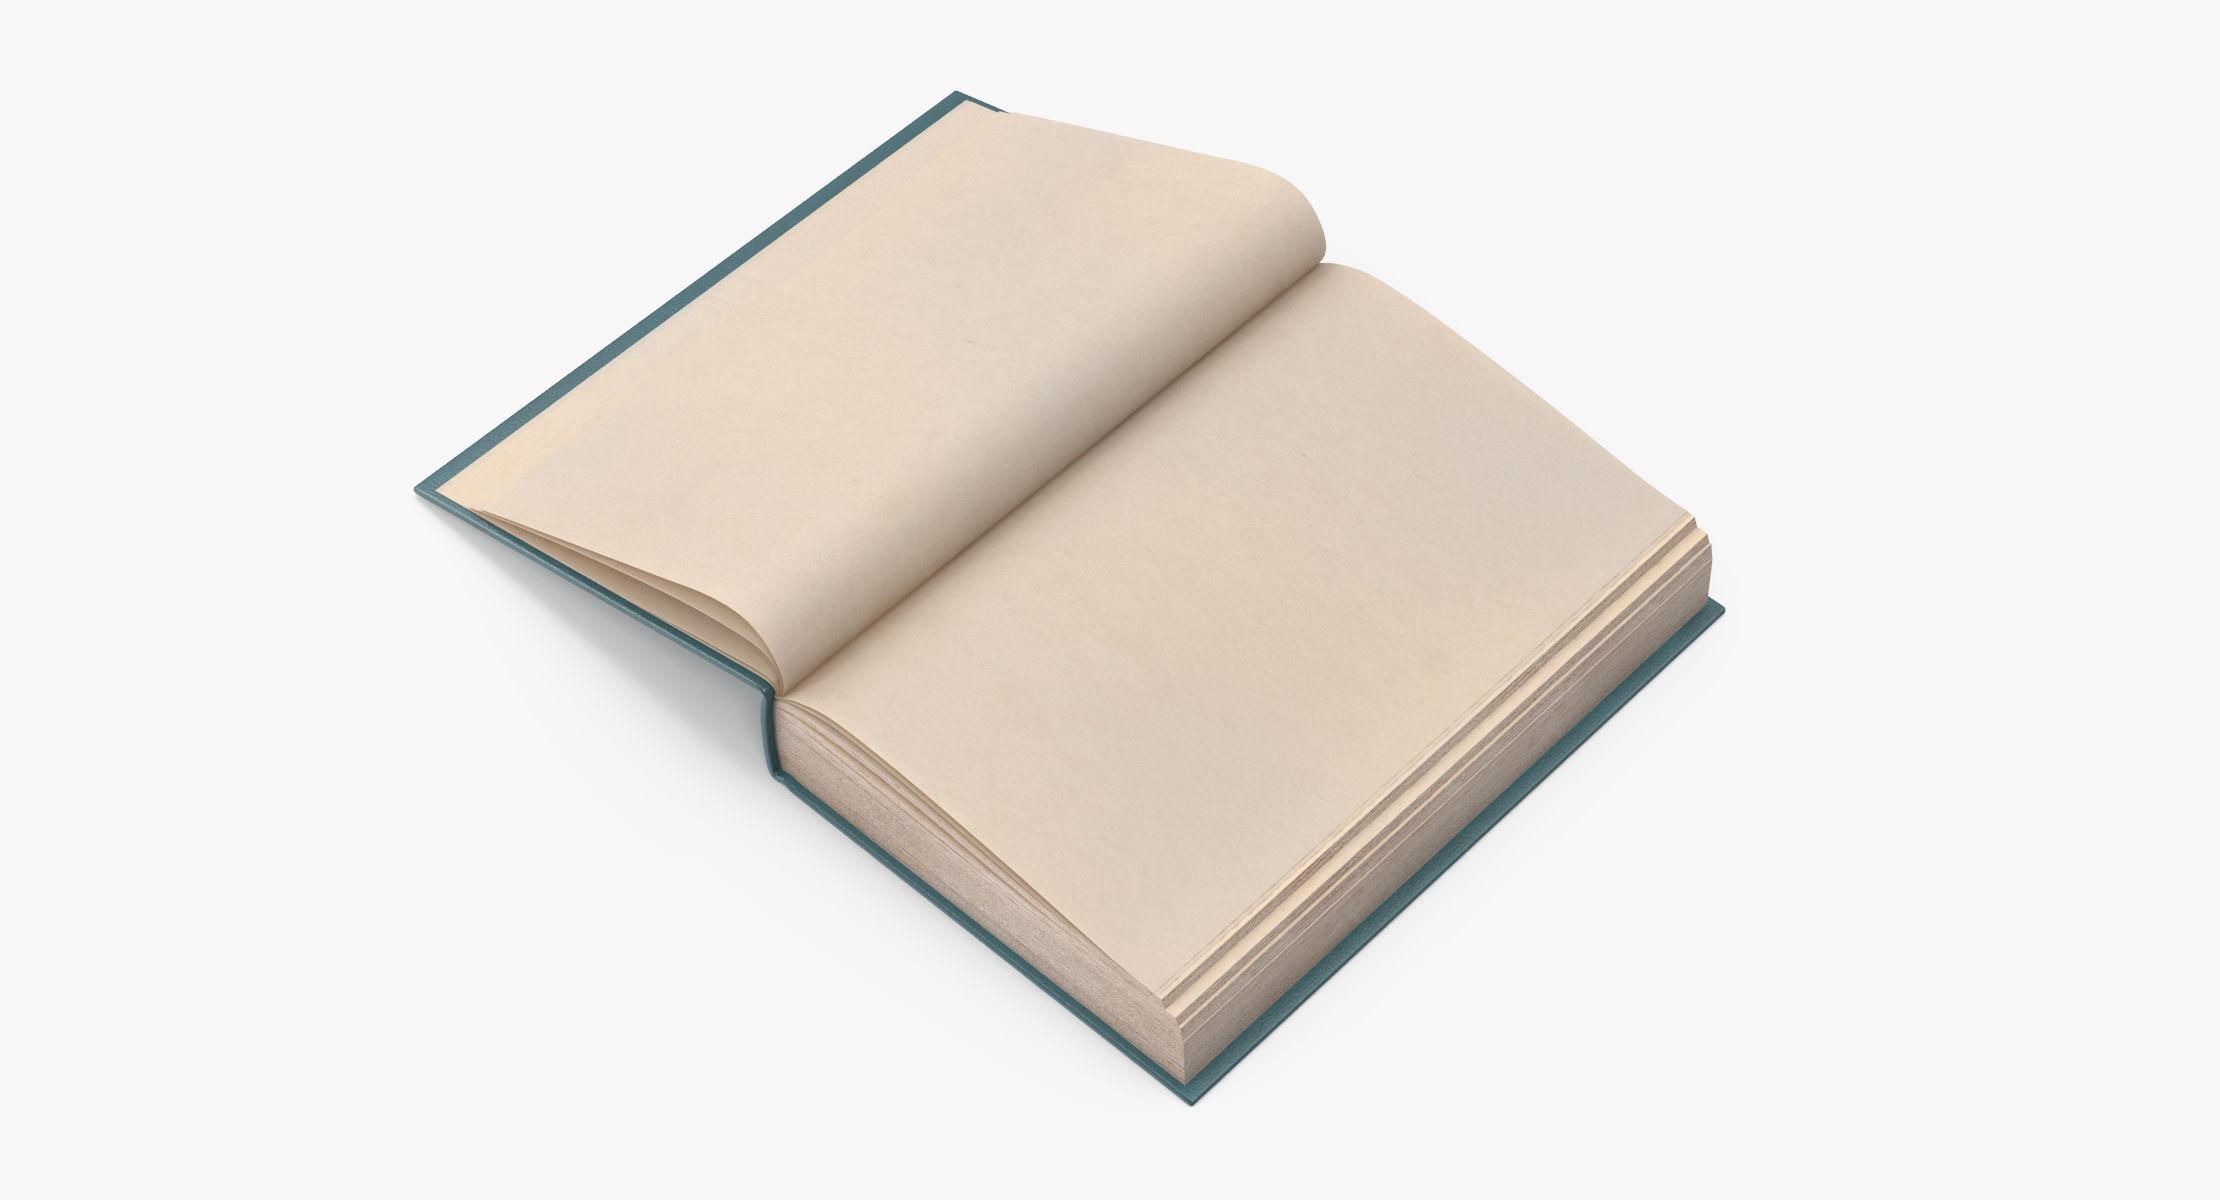 Classic Book 04 Open Beginning - reel 1